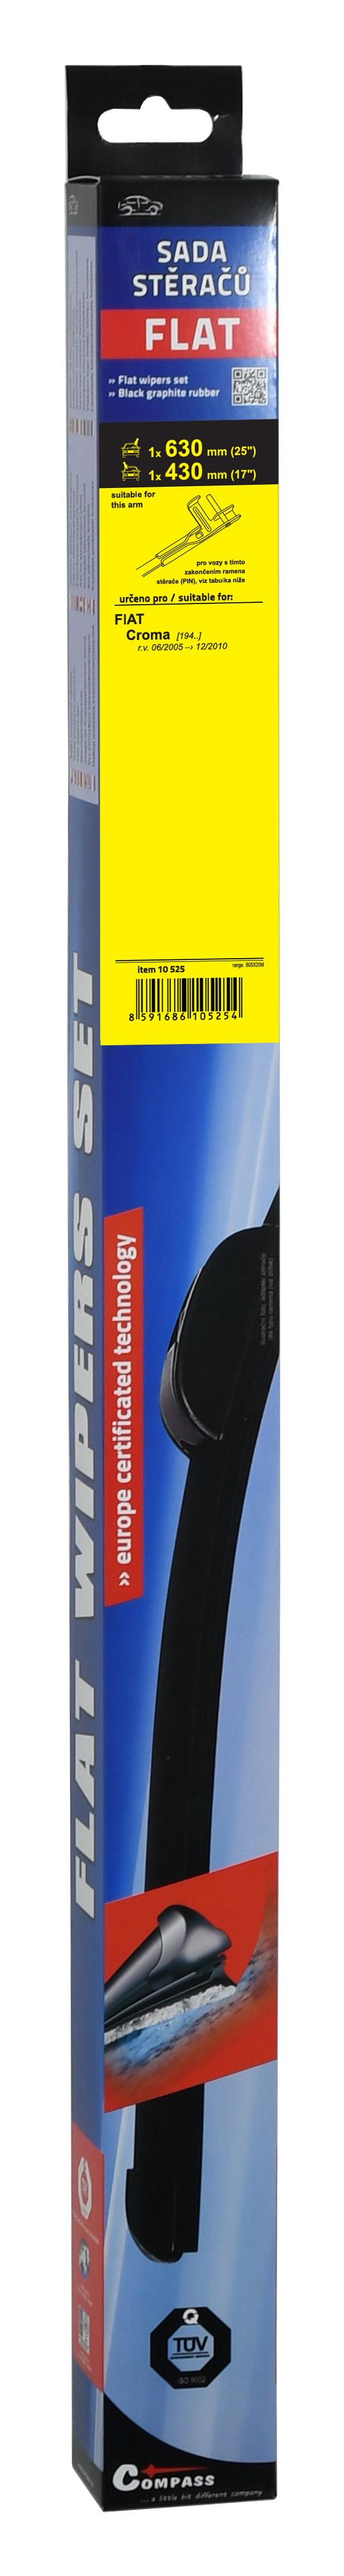 Stěrače FLAT SET (PIN) 630+430mm